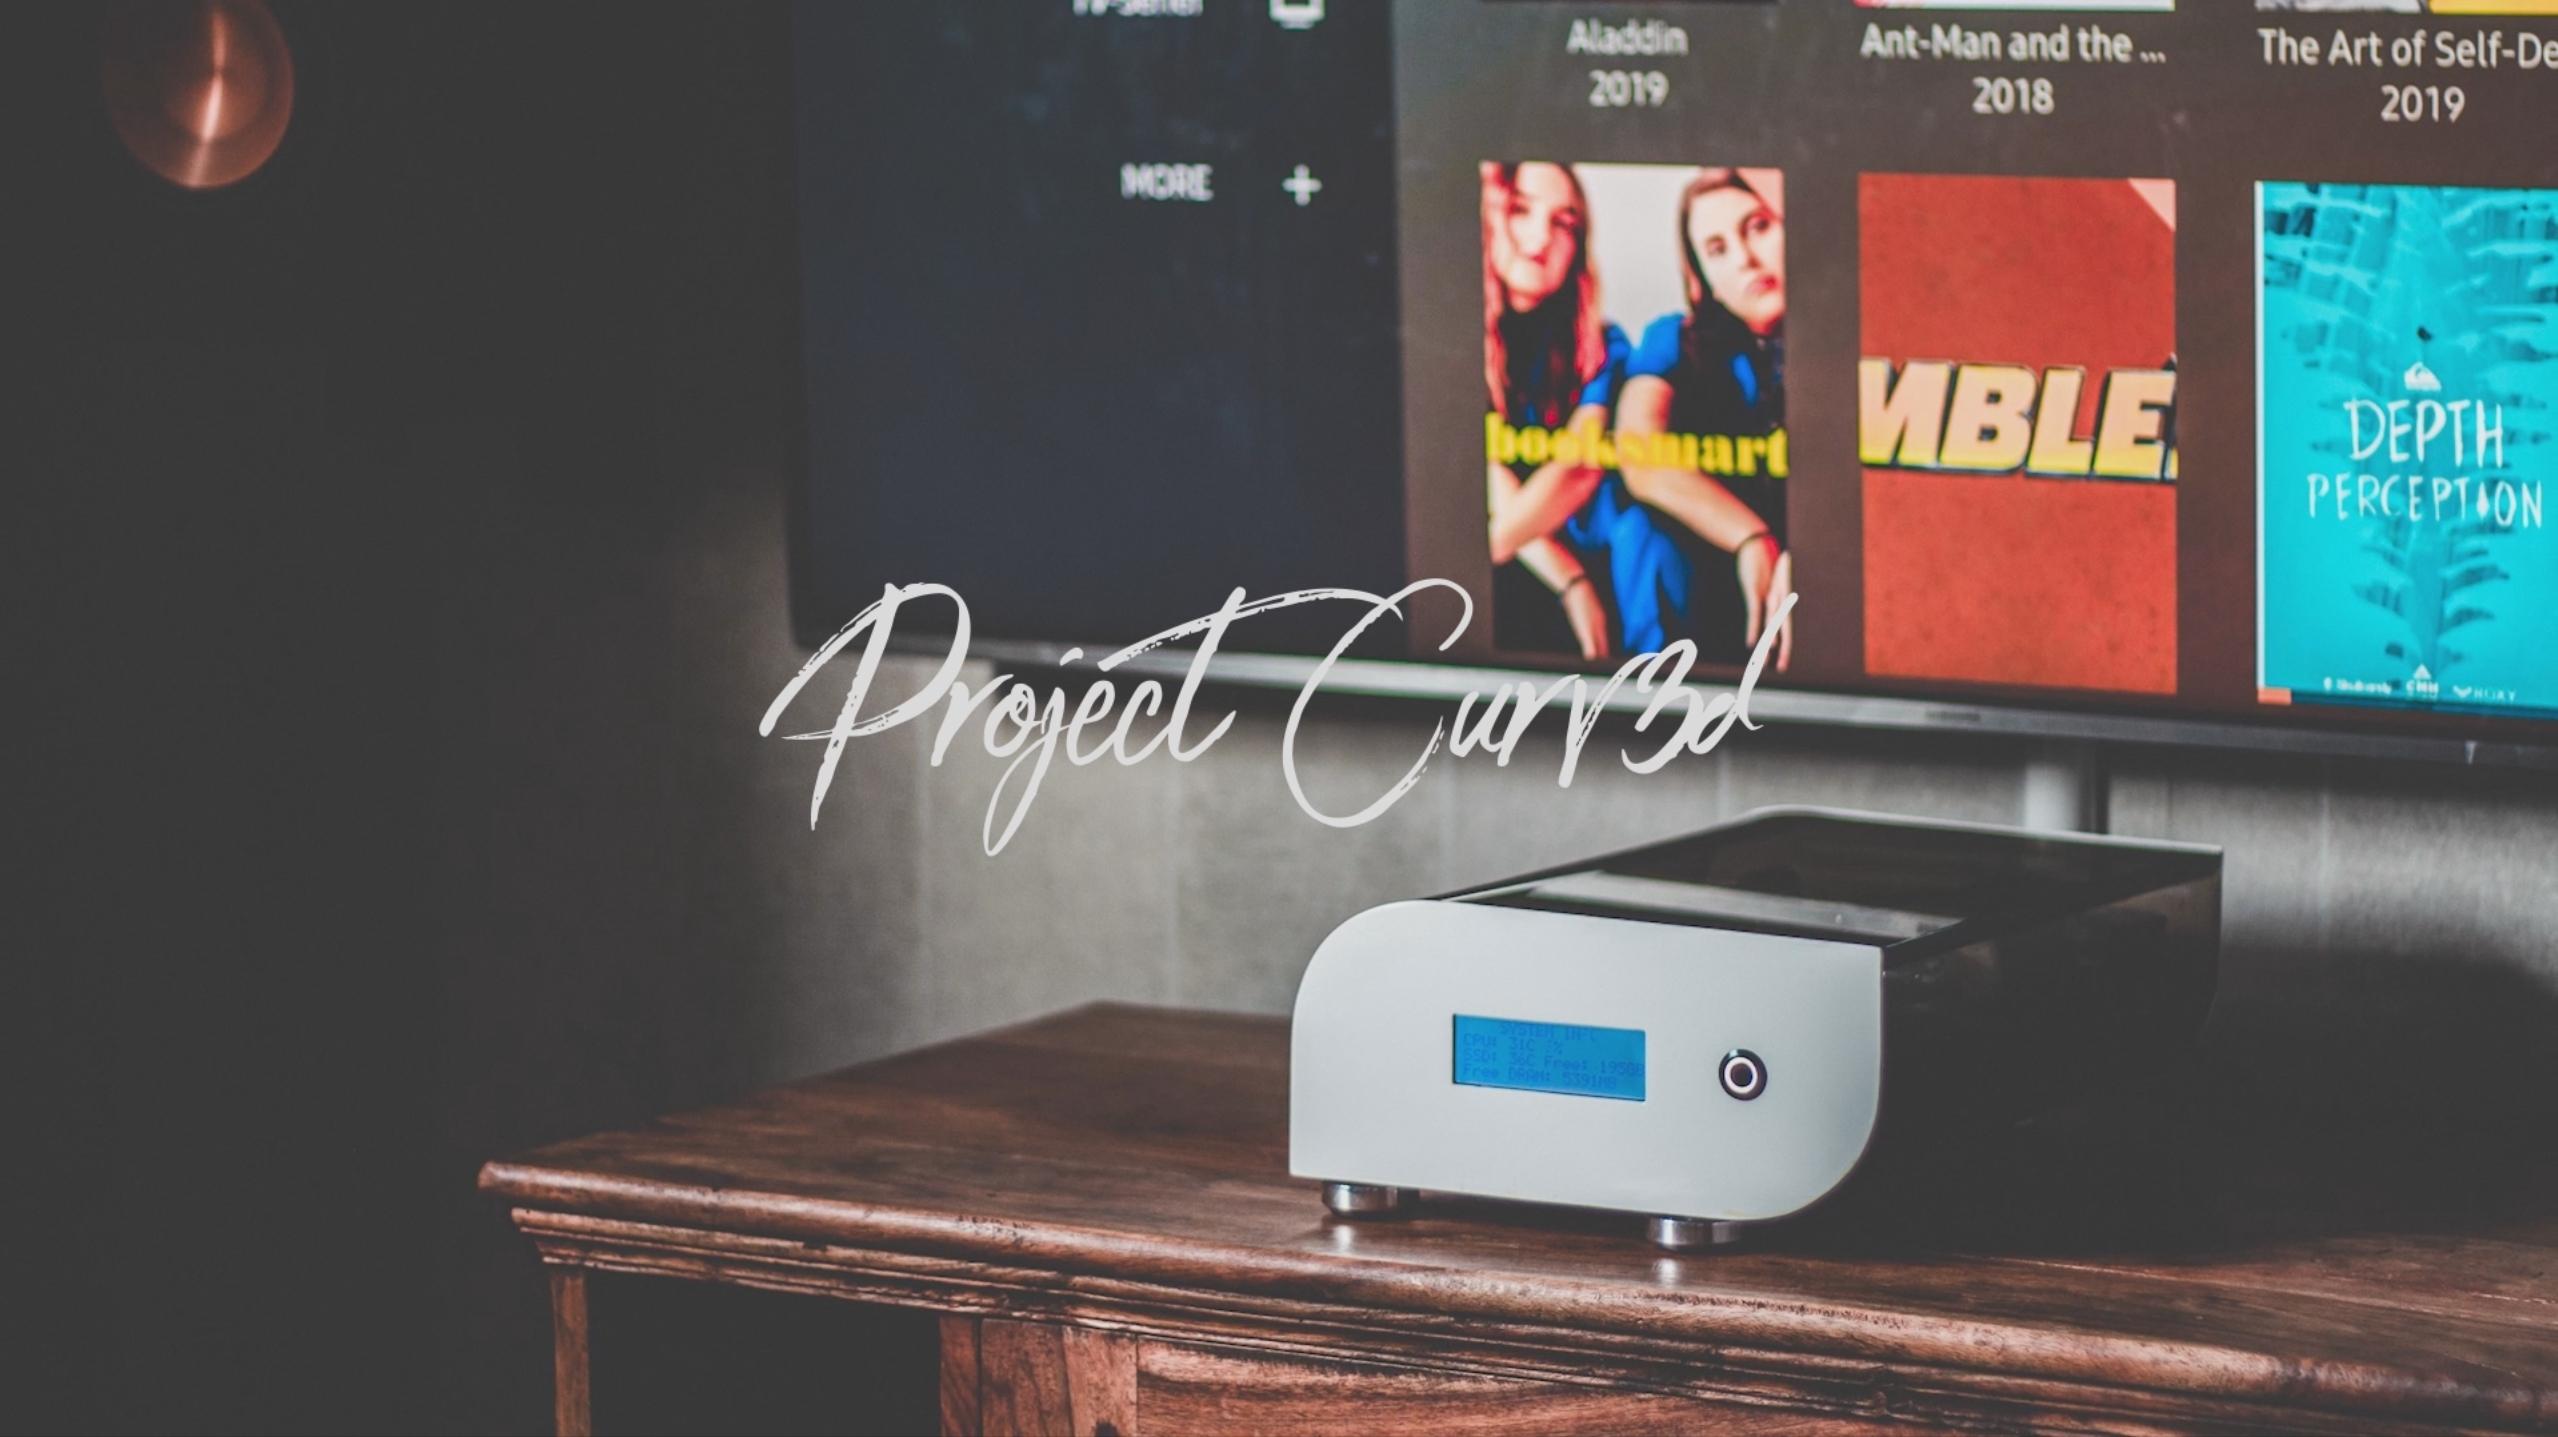 Project CURV3D